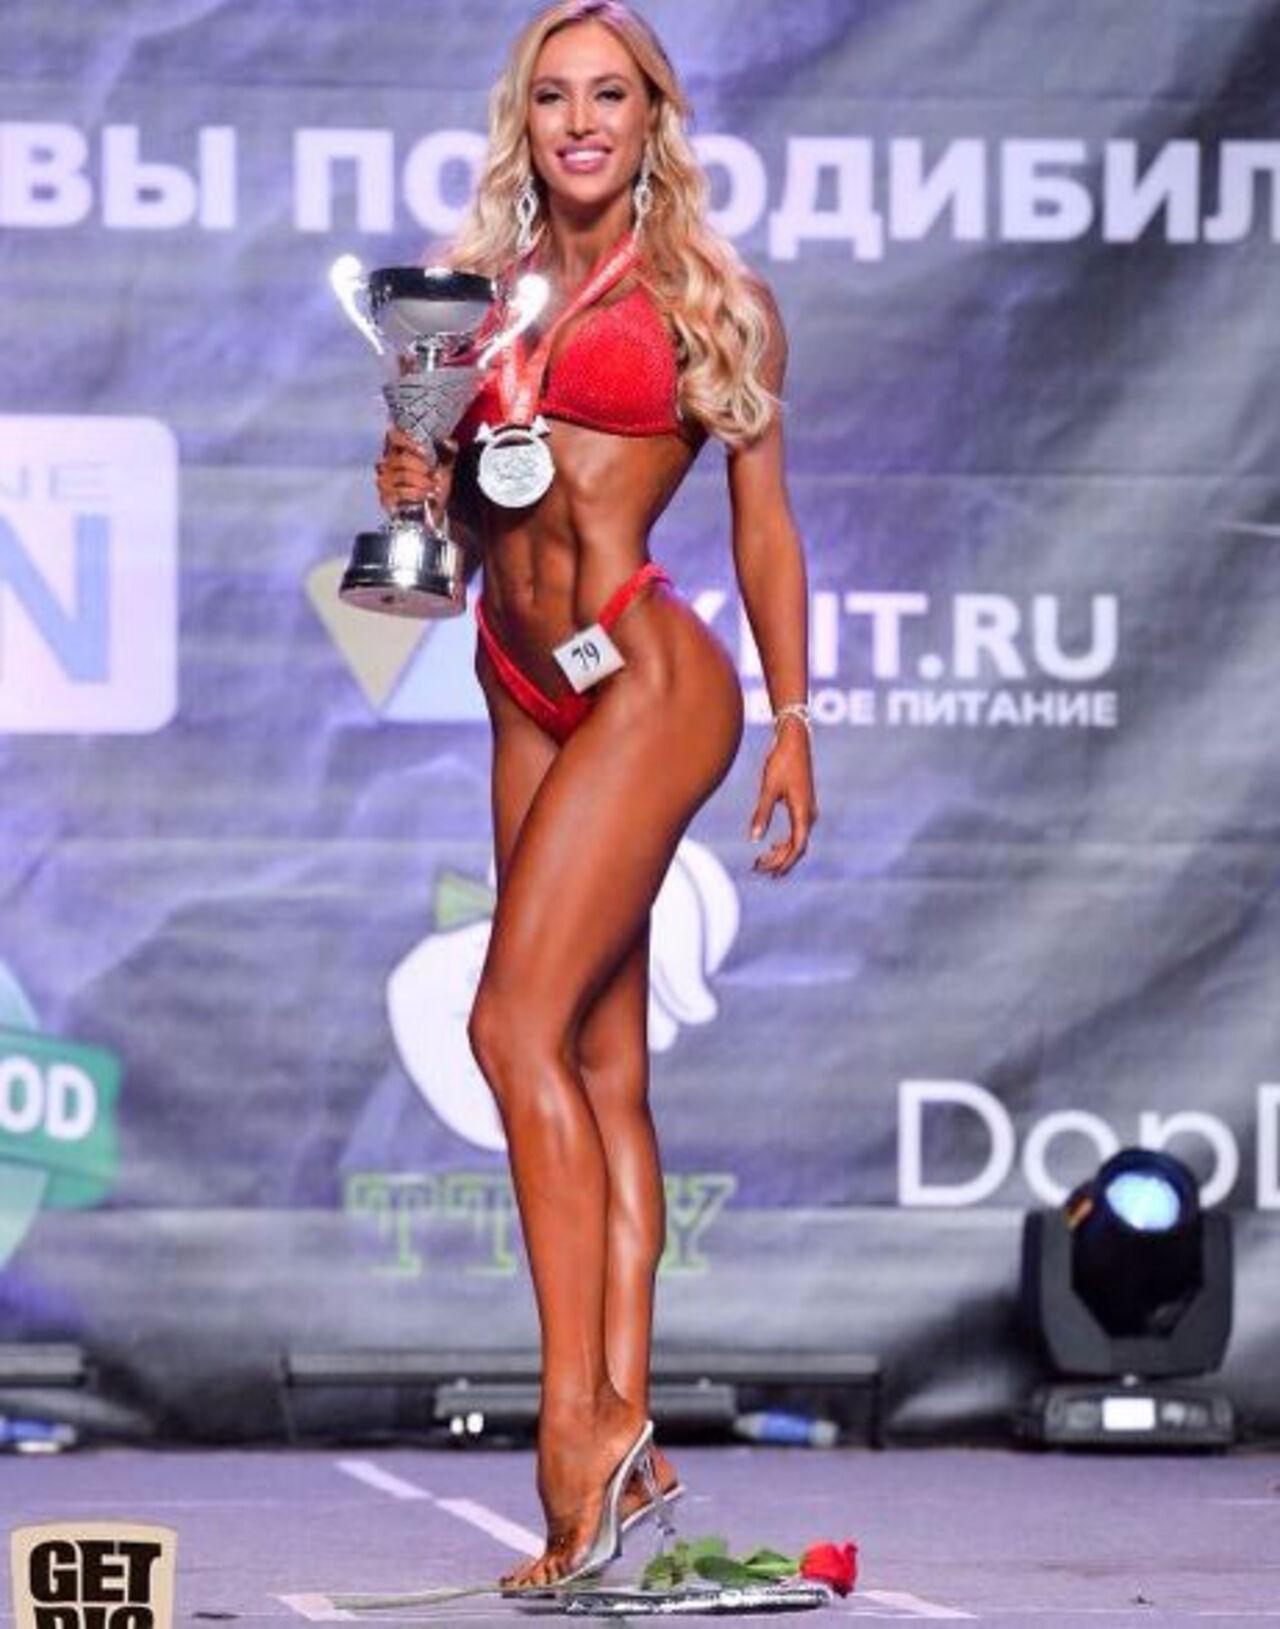 Бывшая участница «Дома-2» изНовокузнецка стала «Мисс фитнес-бикини» столицы